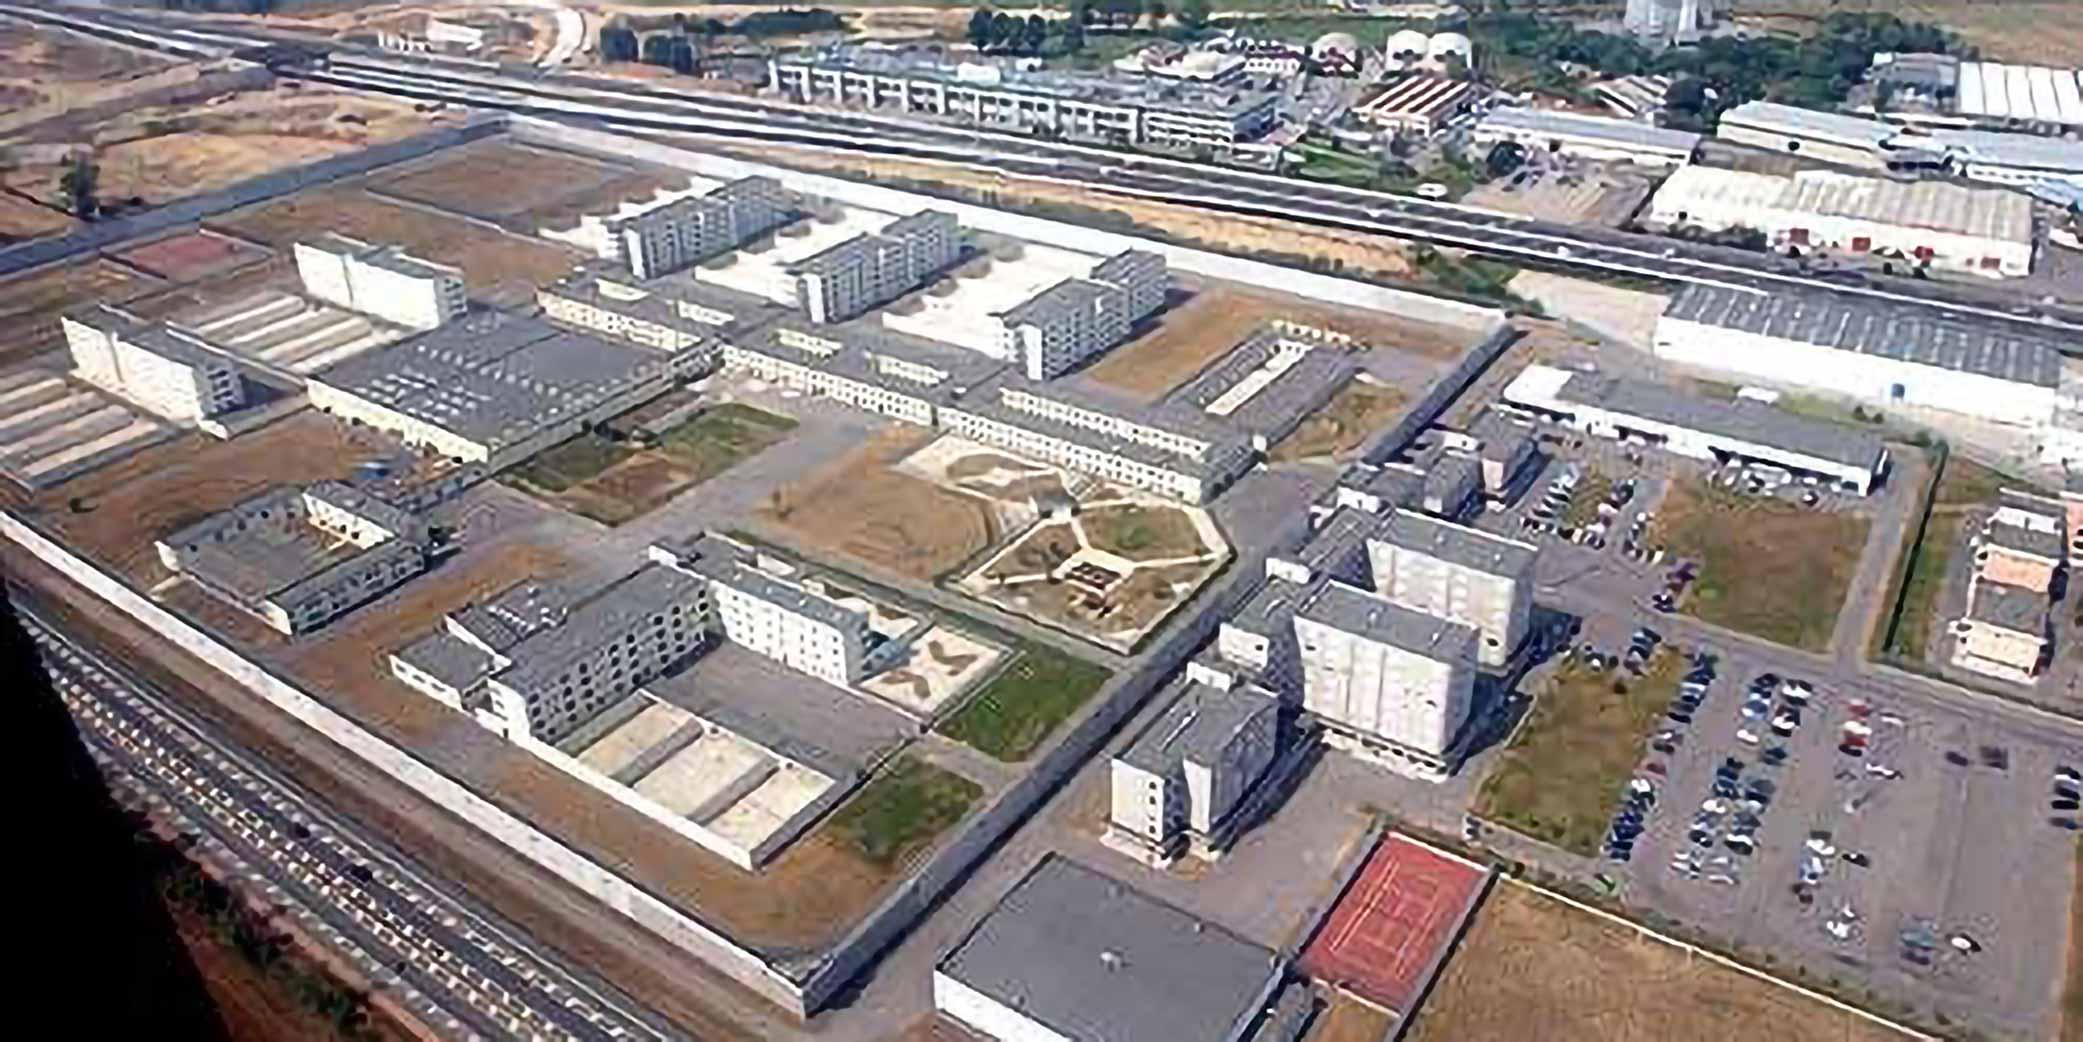 carcere di Bollate dall'alto